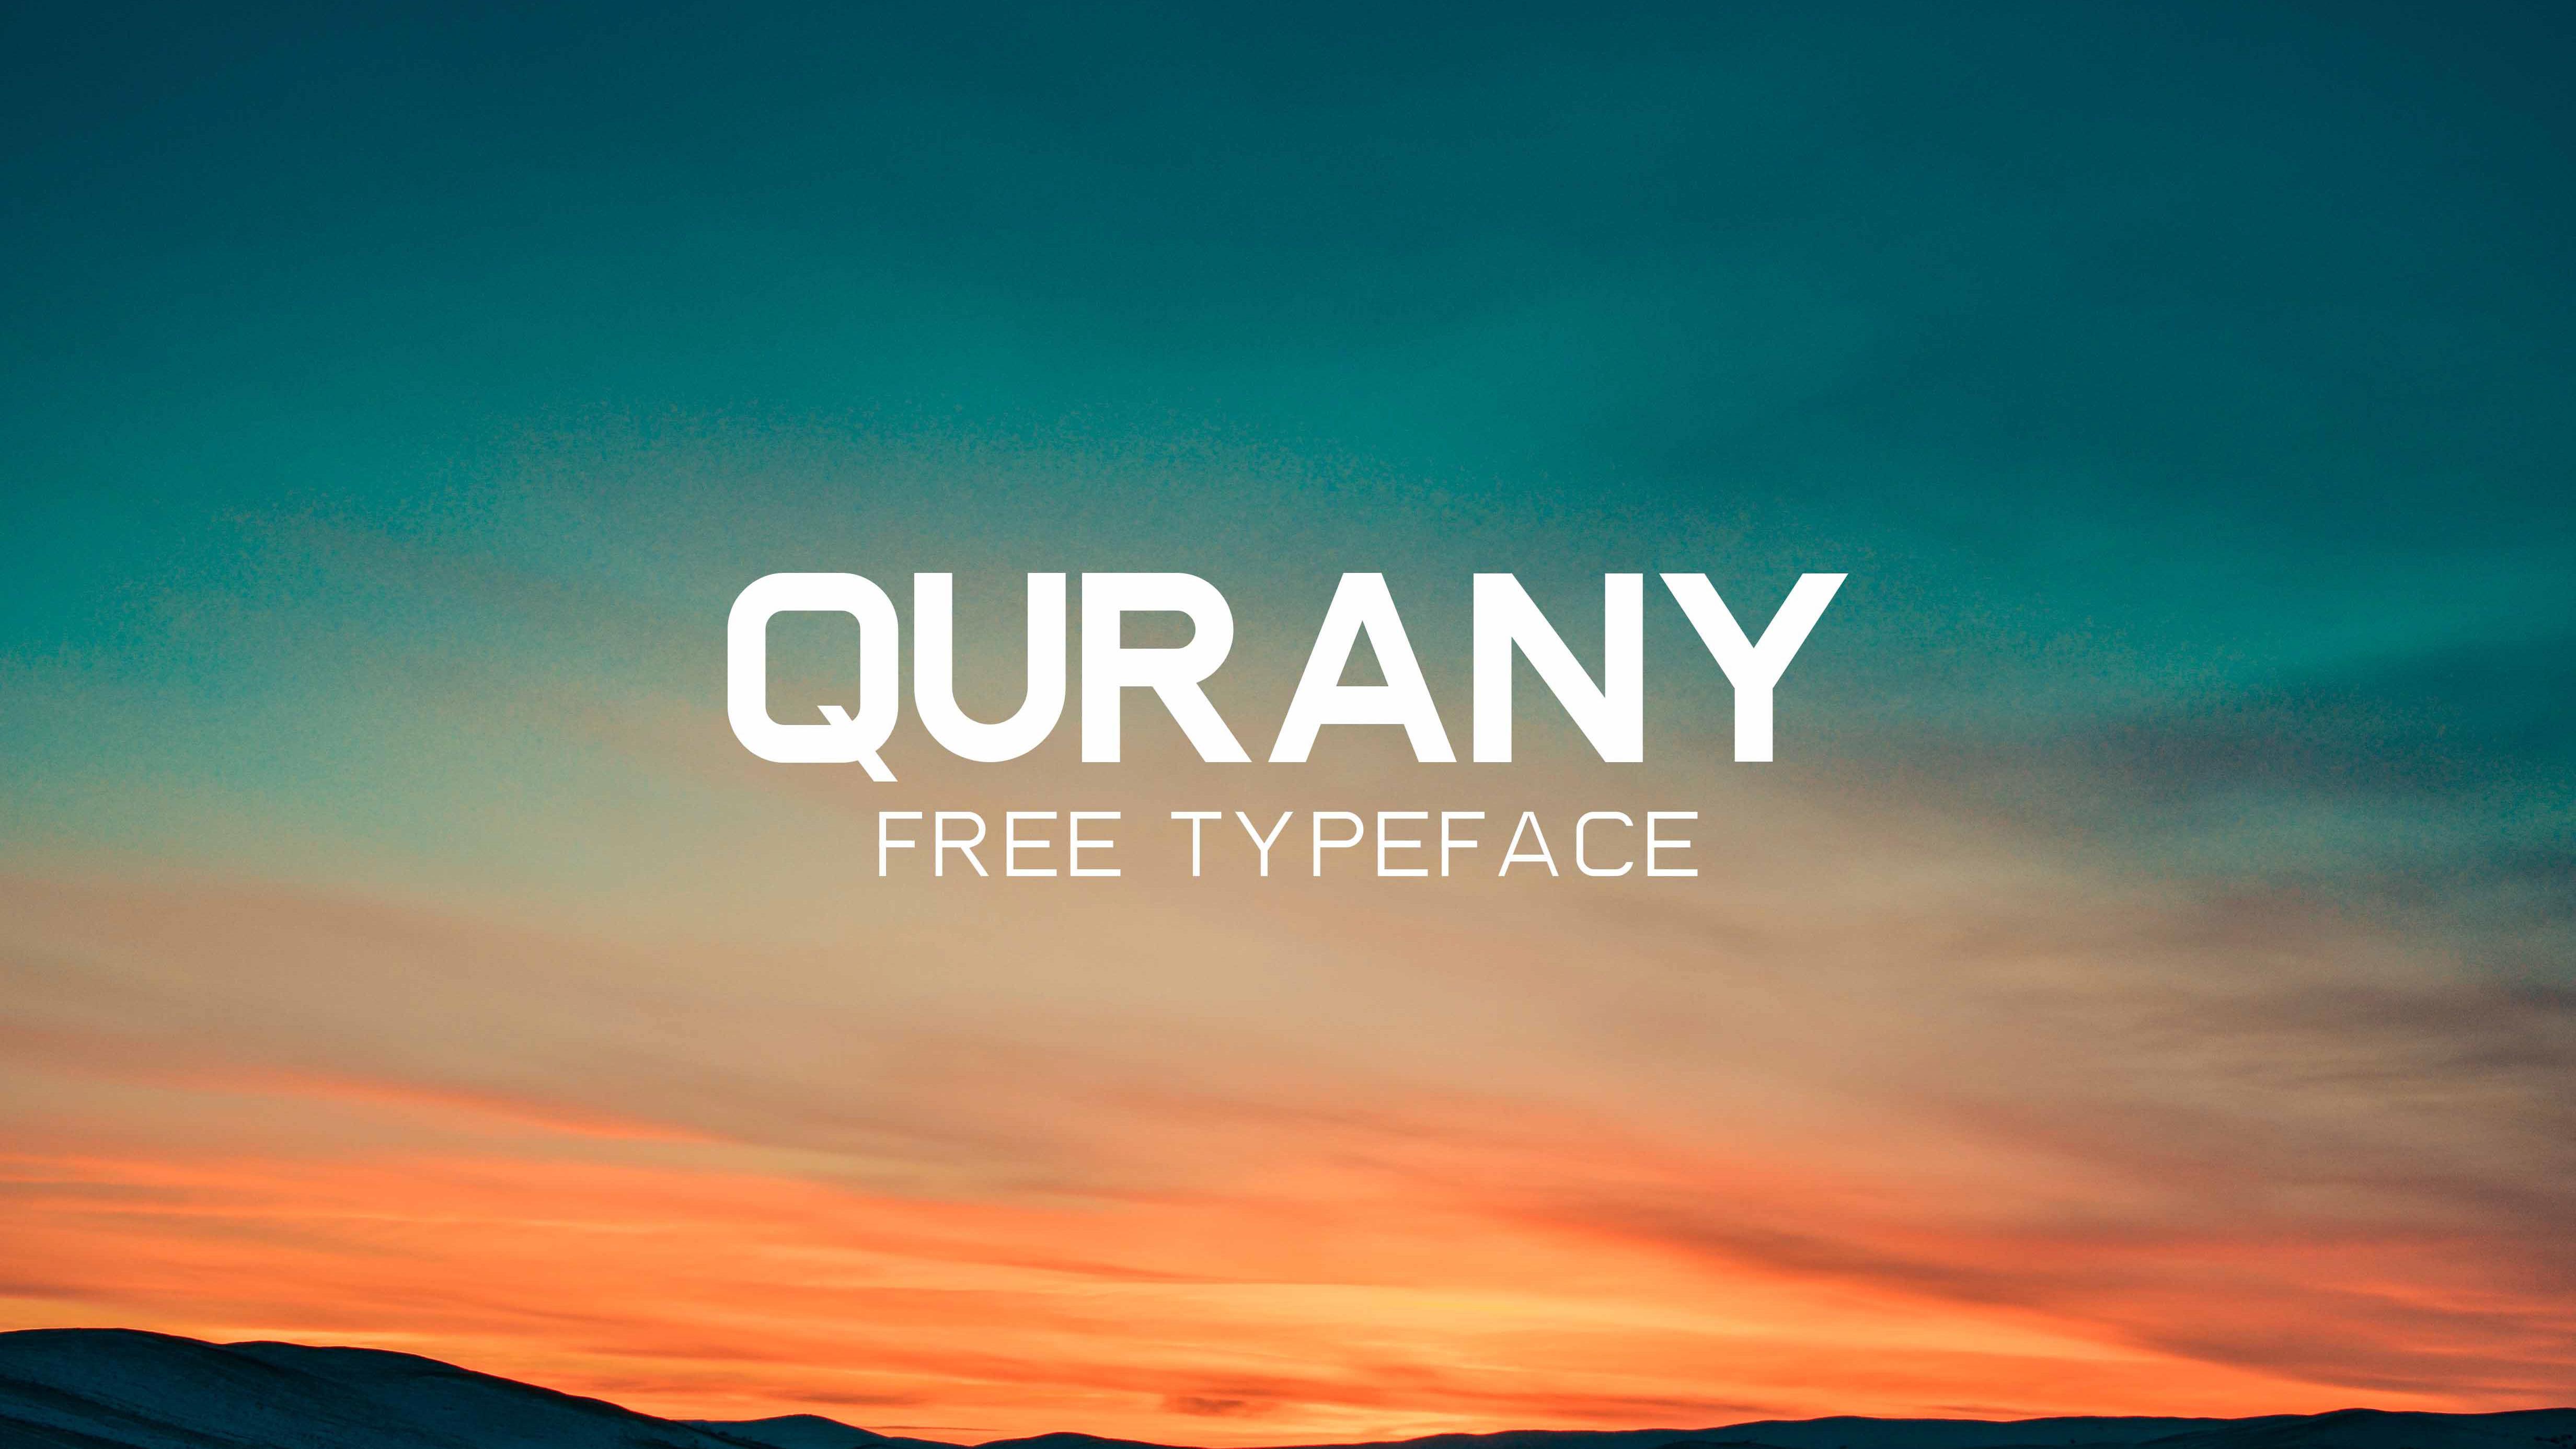 Ahmed Qurany - Qurany